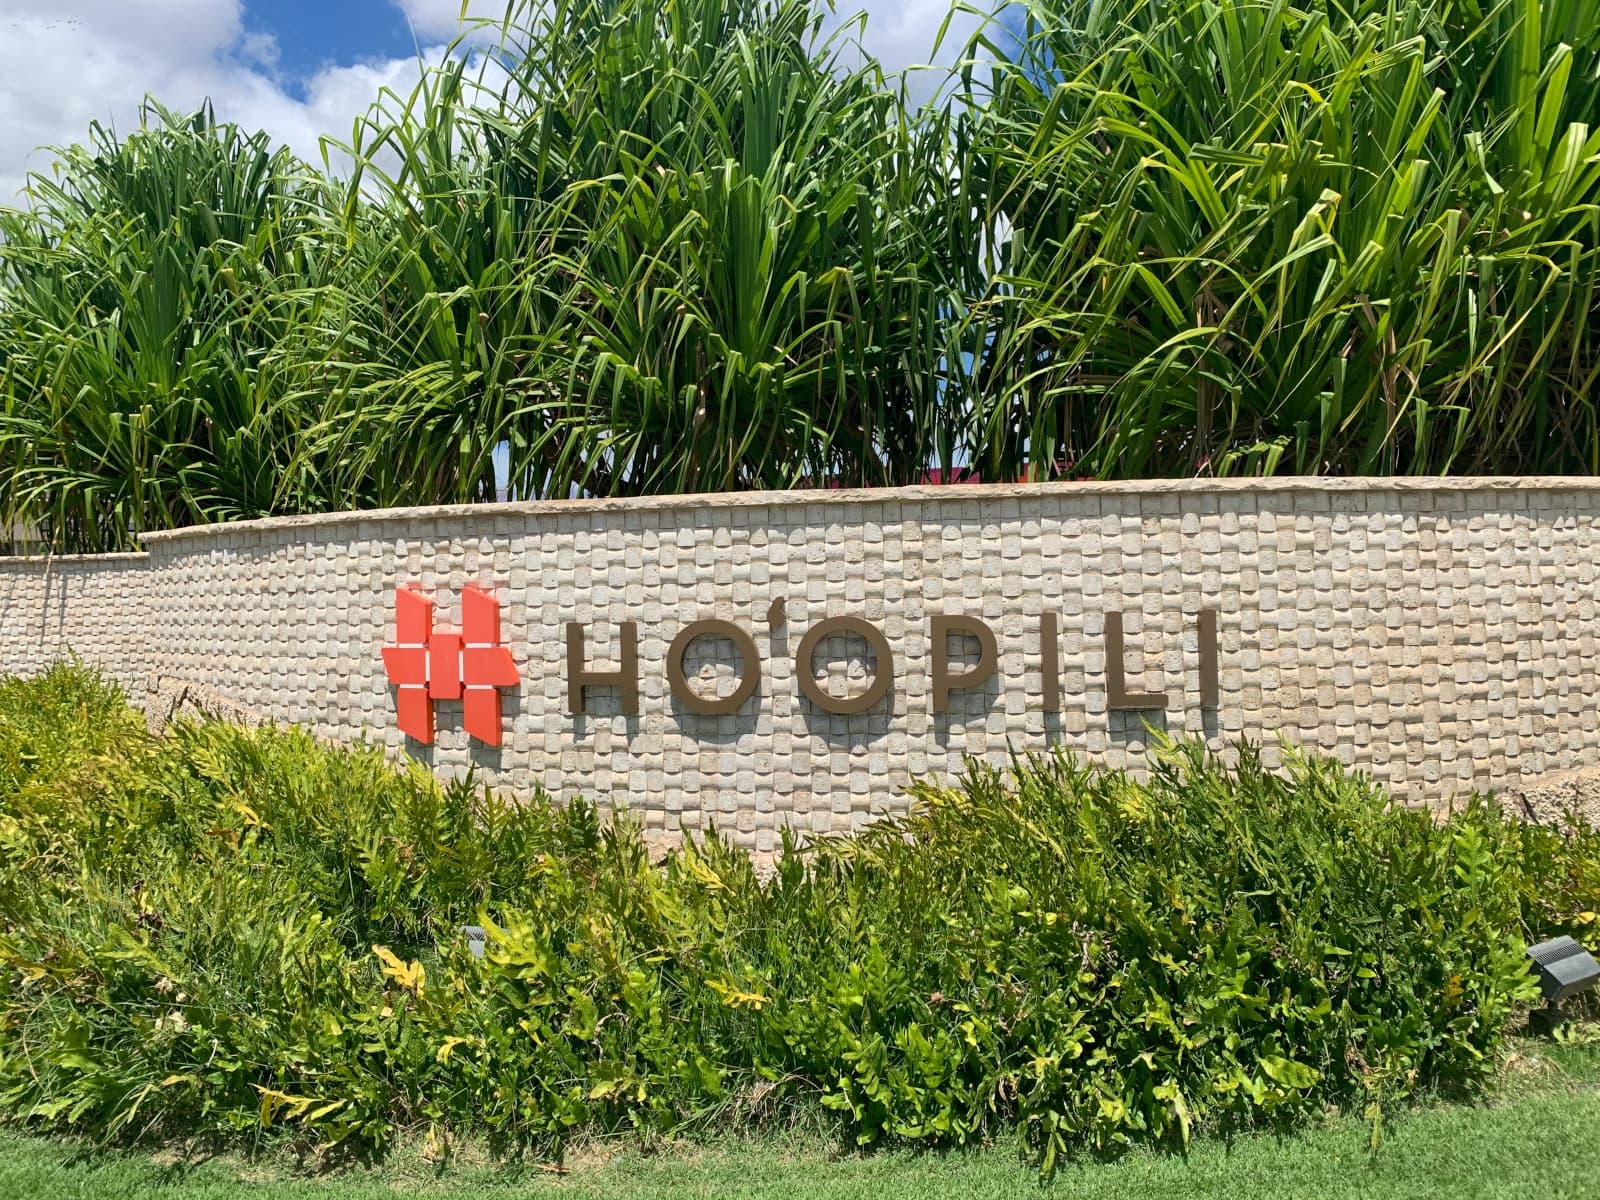 Hoopili